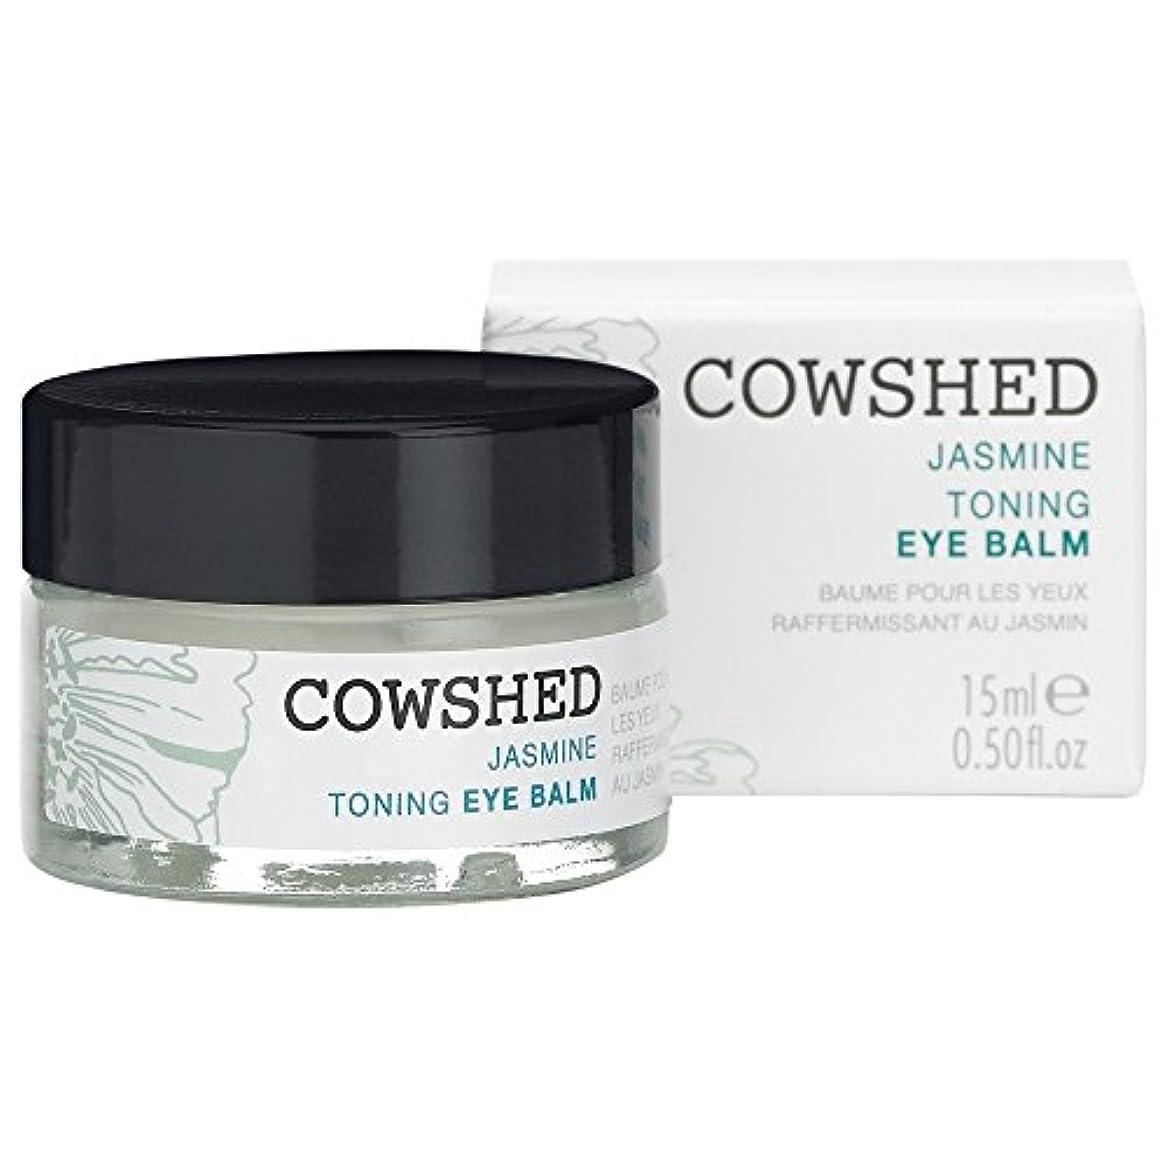 定規チャットブラインド牛舎ジャスミン調色アイクリーム15ミリリットル (Cowshed) (x2) - Cowshed Jasmine Toning Eye Balm 15ml (Pack of 2) [並行輸入品]